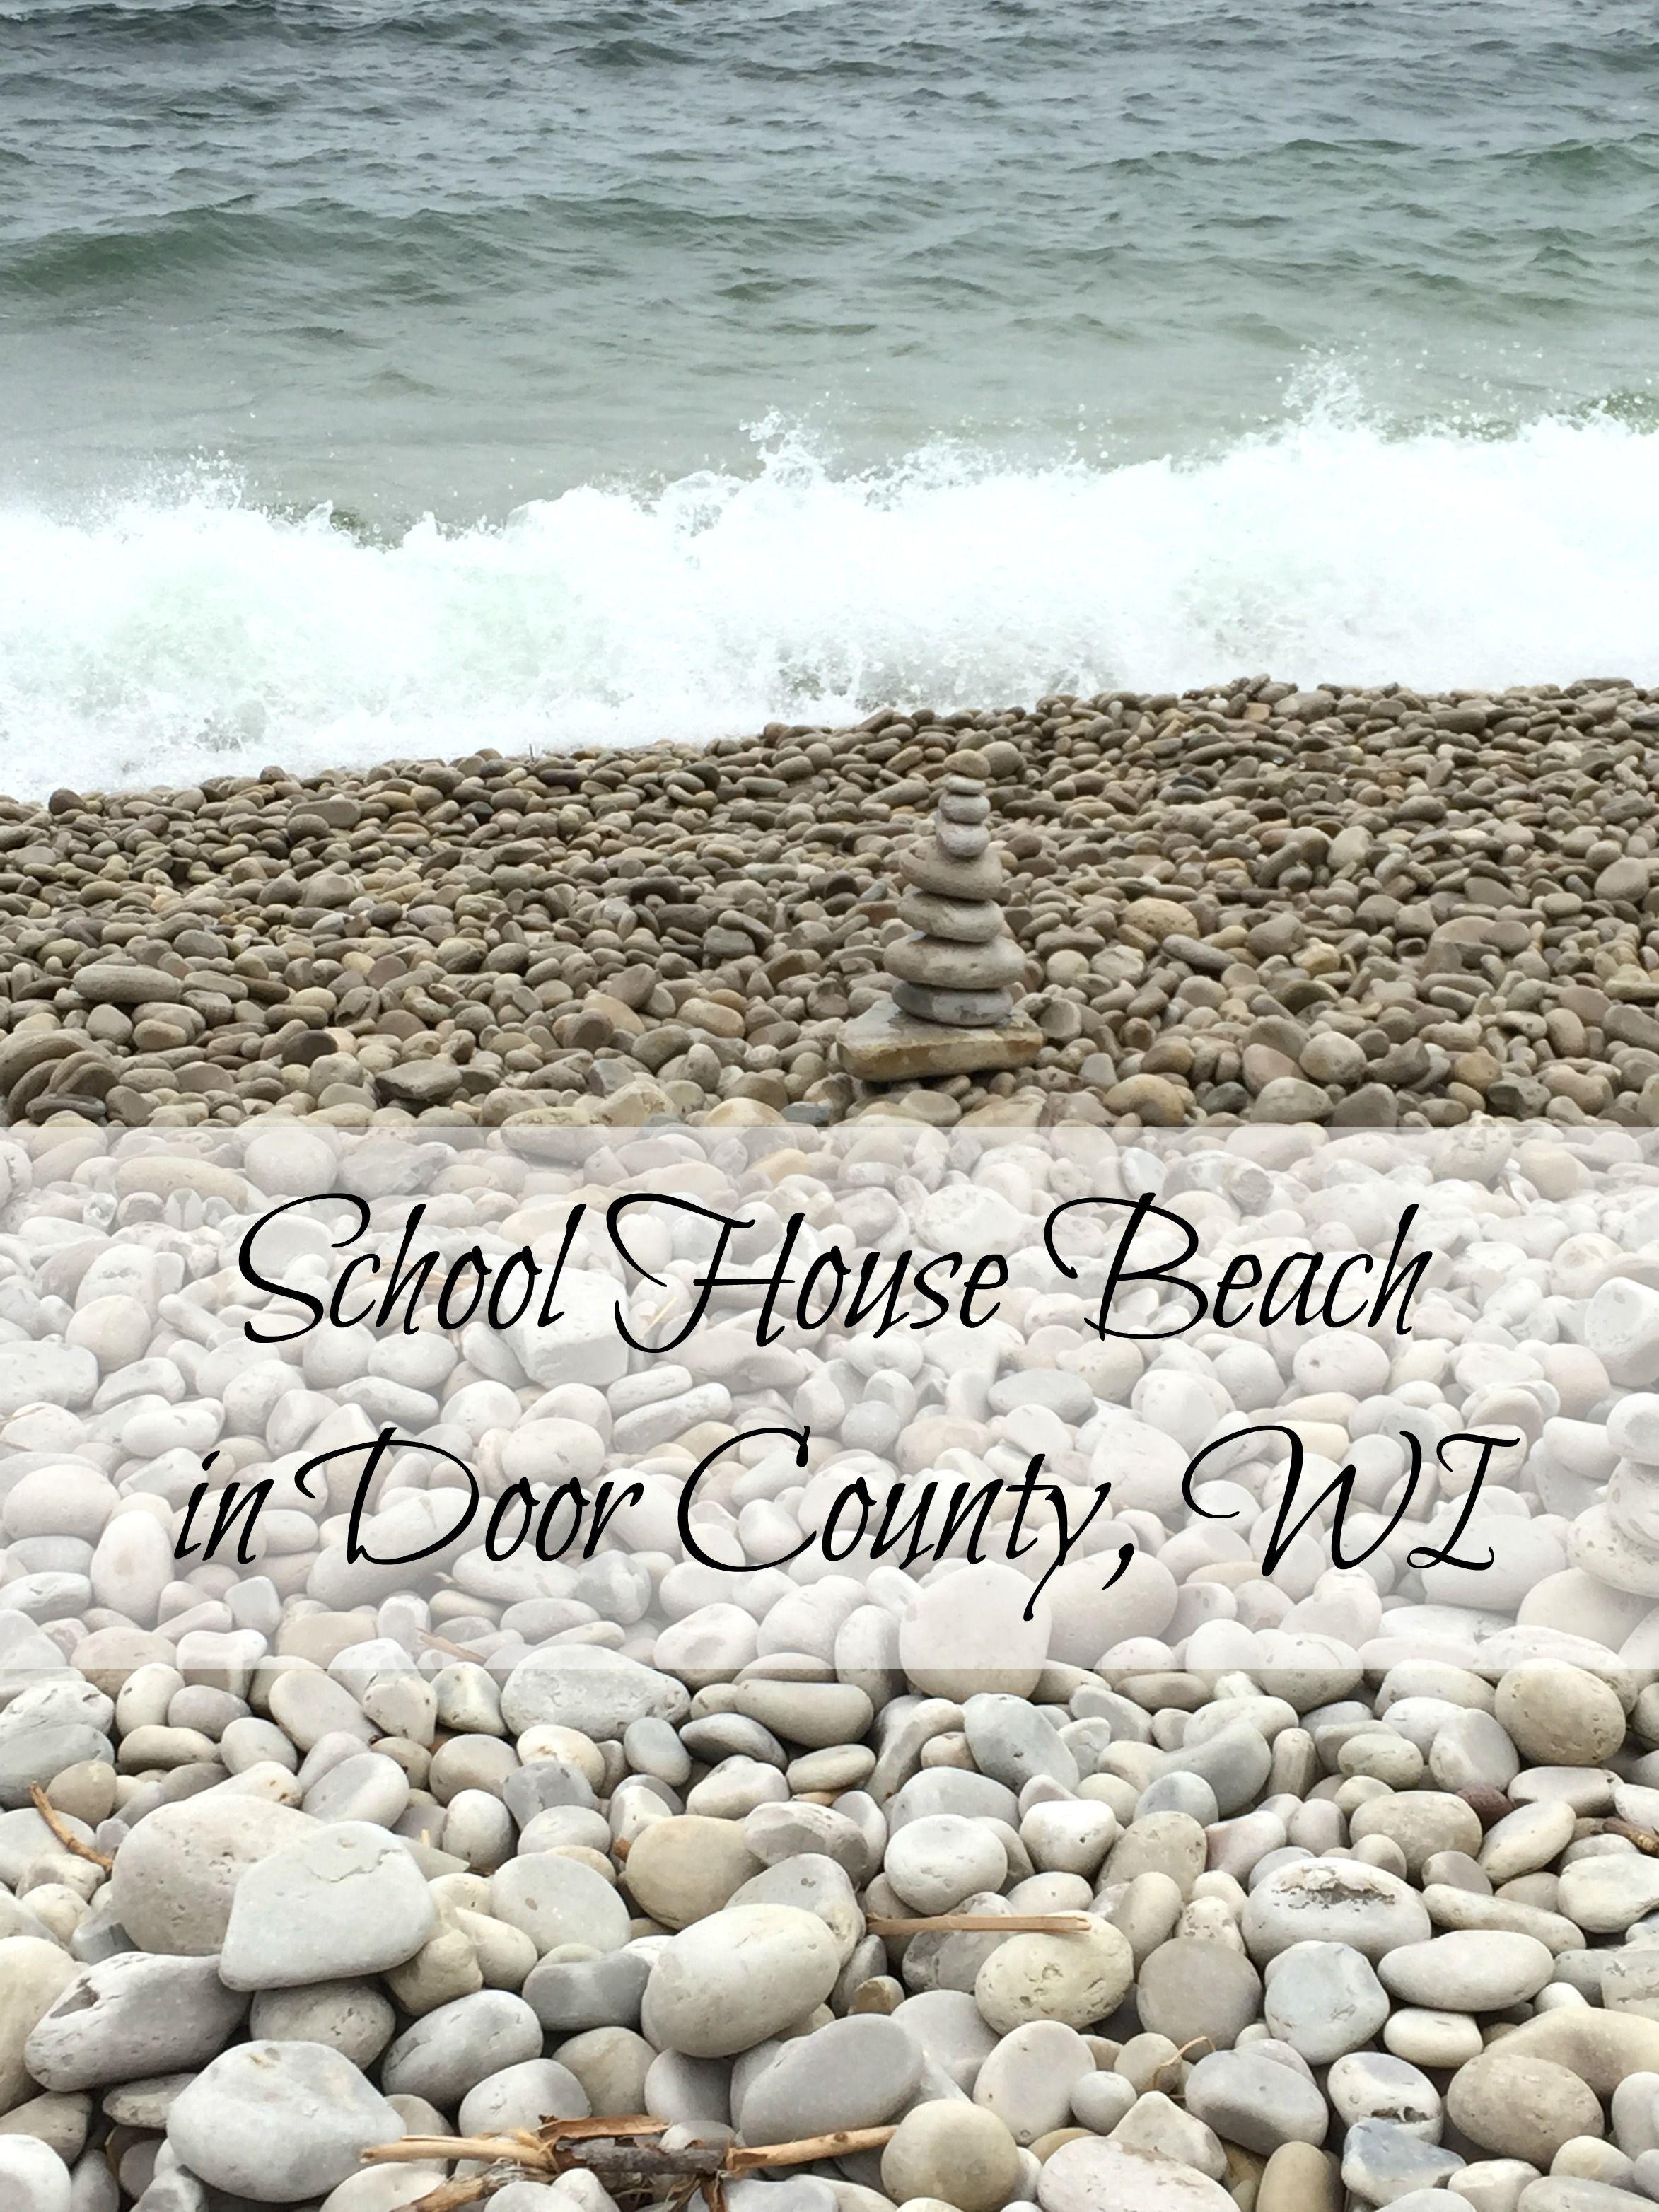 School House Beach in Door County WI